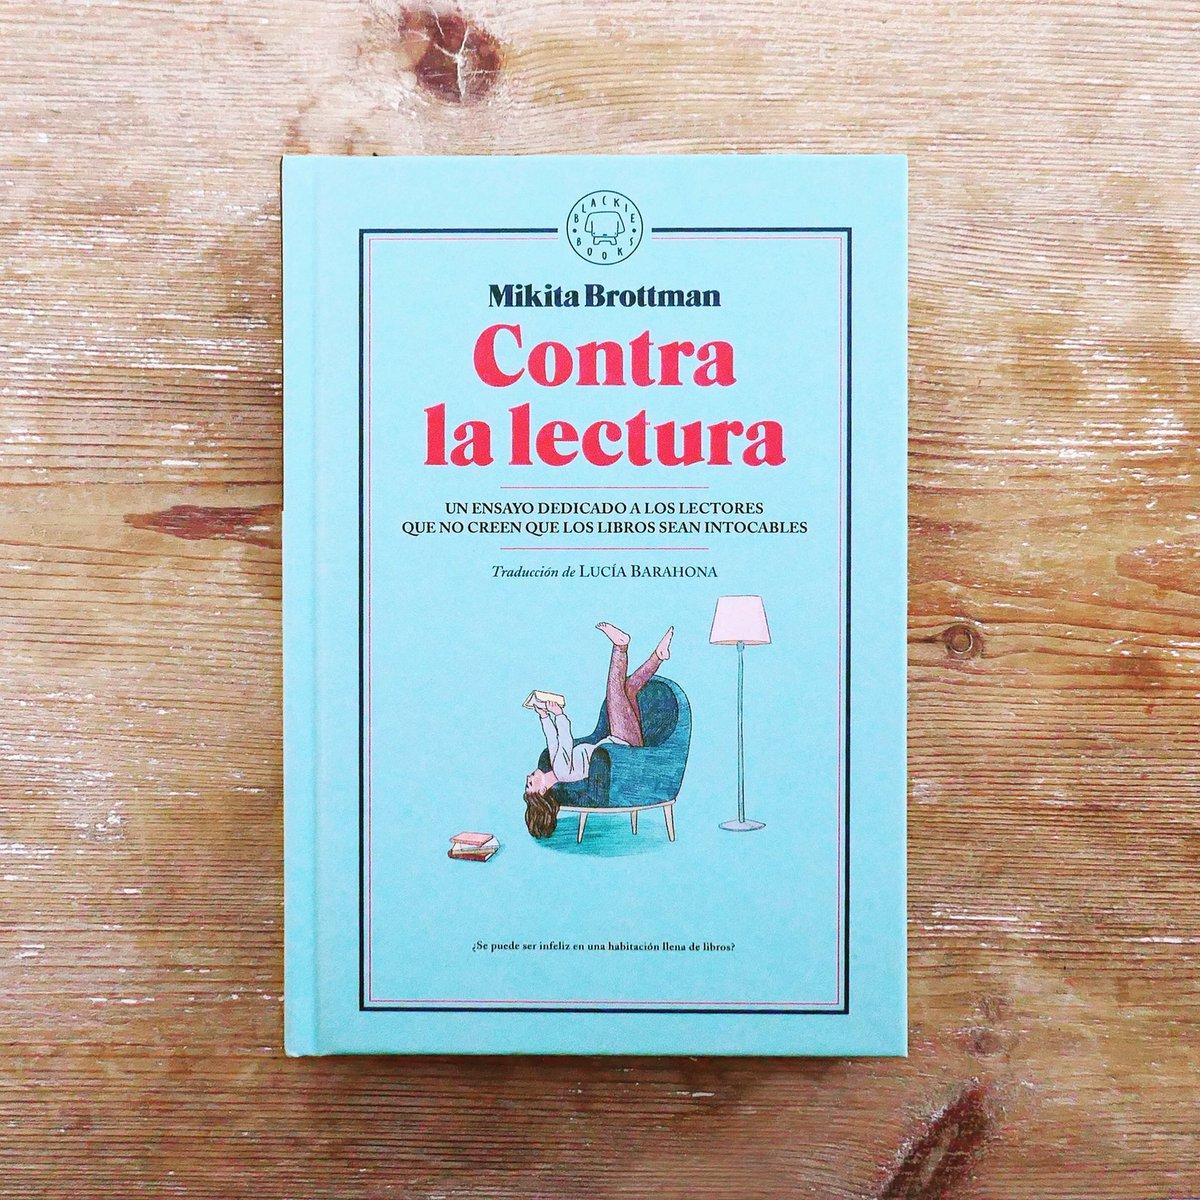 """Blackie Books on Twitter: """"¿Se puede ser realmente infeliz en una  habitación llena de libros? CONTRA LA LECTURA, de Mikita Brottman. Un libro  dedicado a los que leen. Este miércoles a la"""